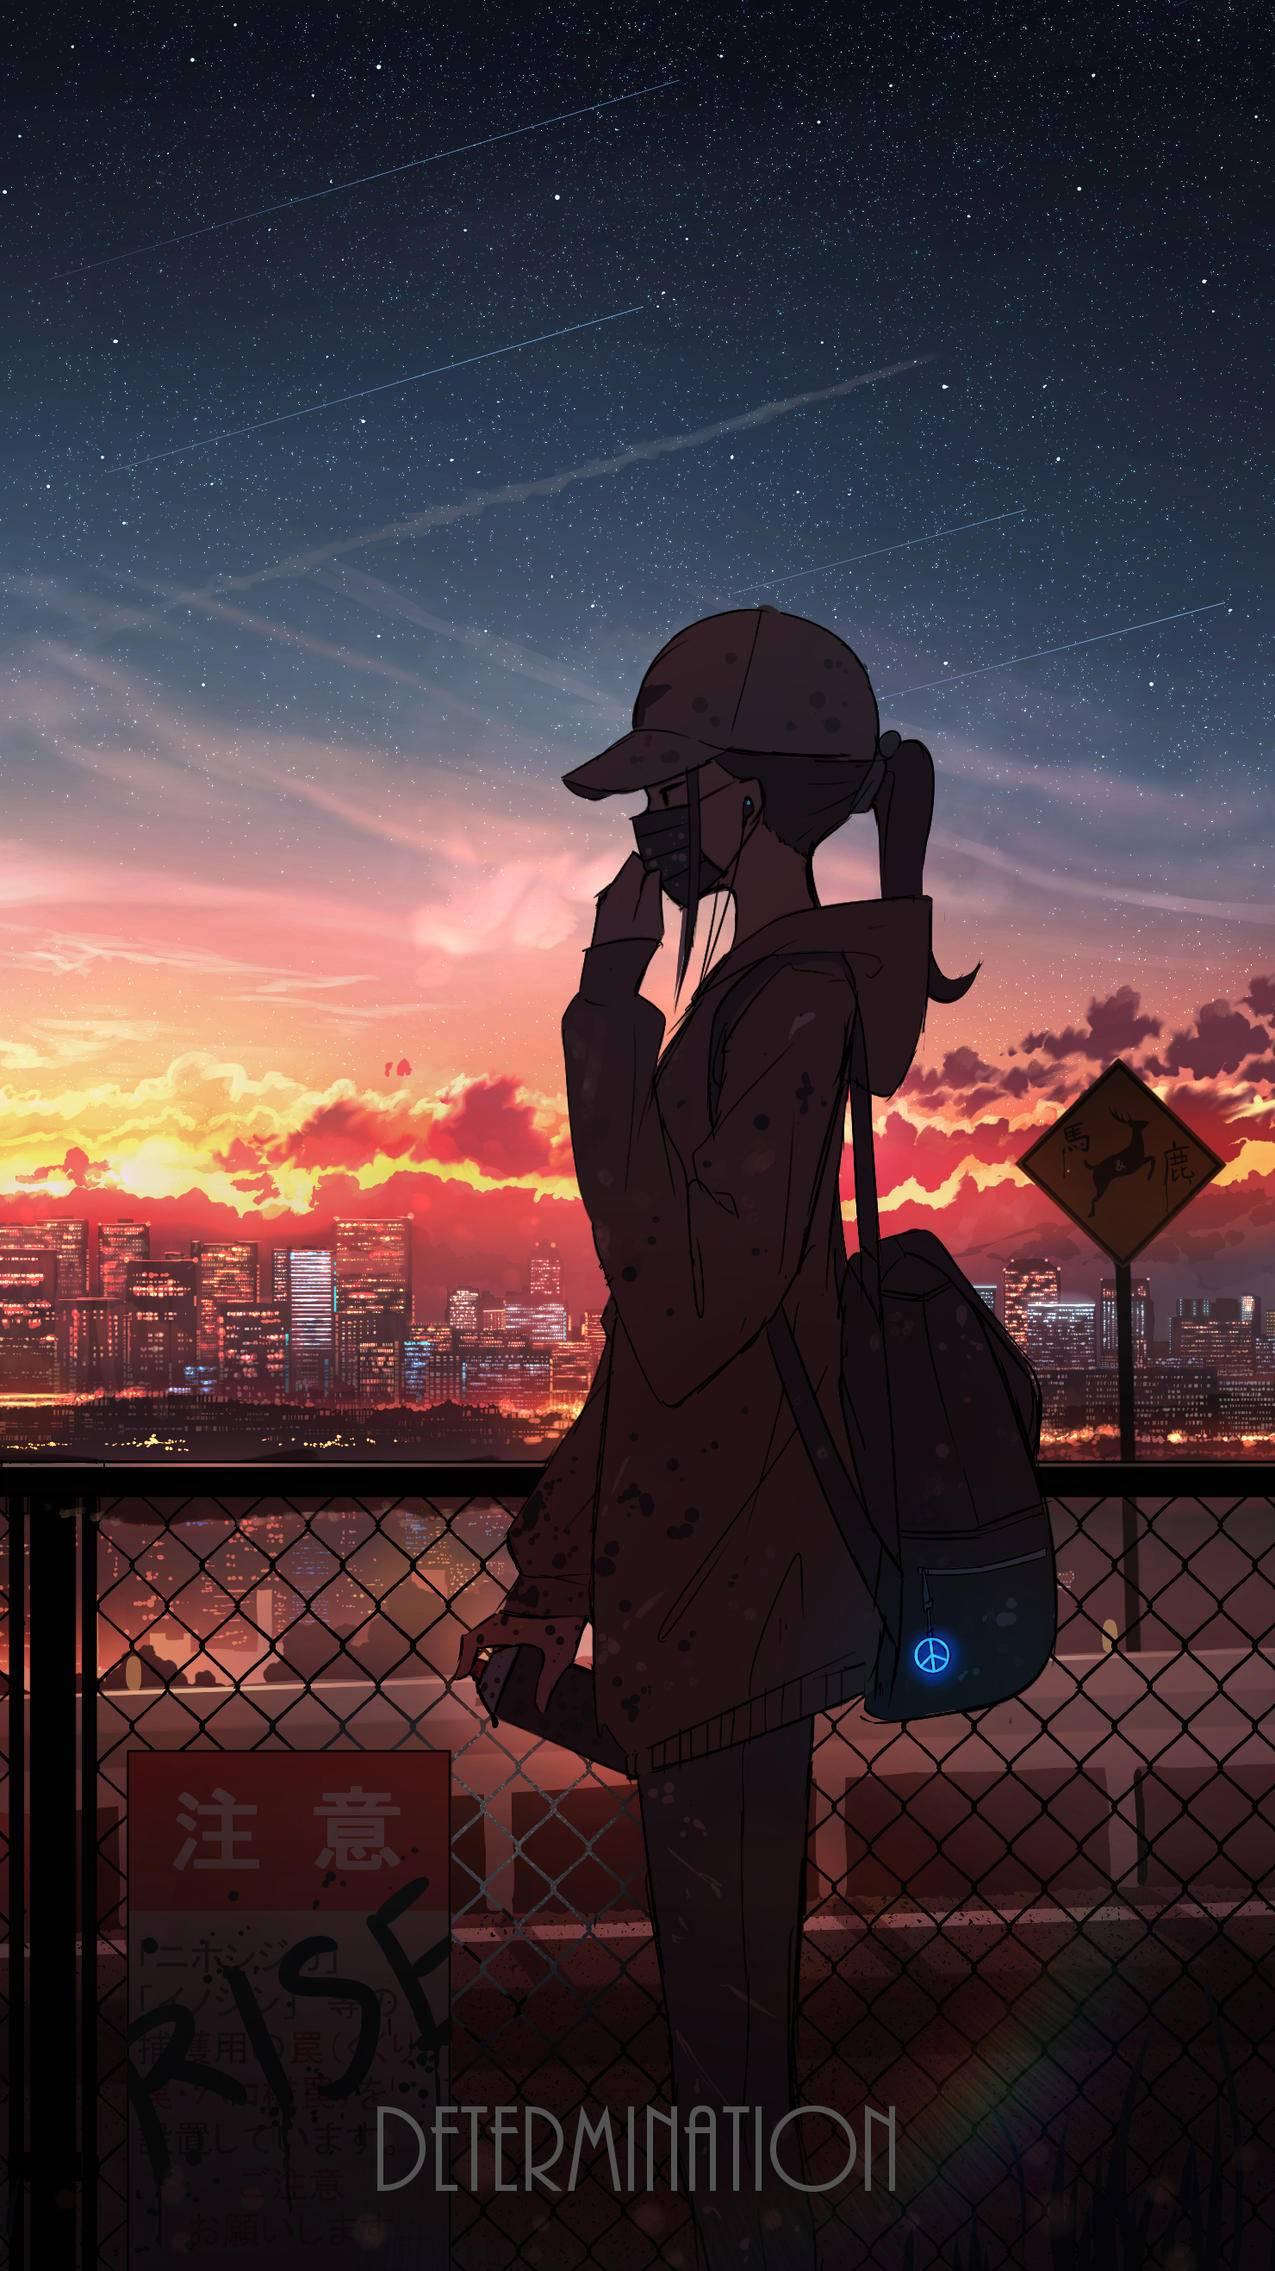 戴口罩的女孩子,风景,夕阳,天空,云,2k动漫手机壁纸